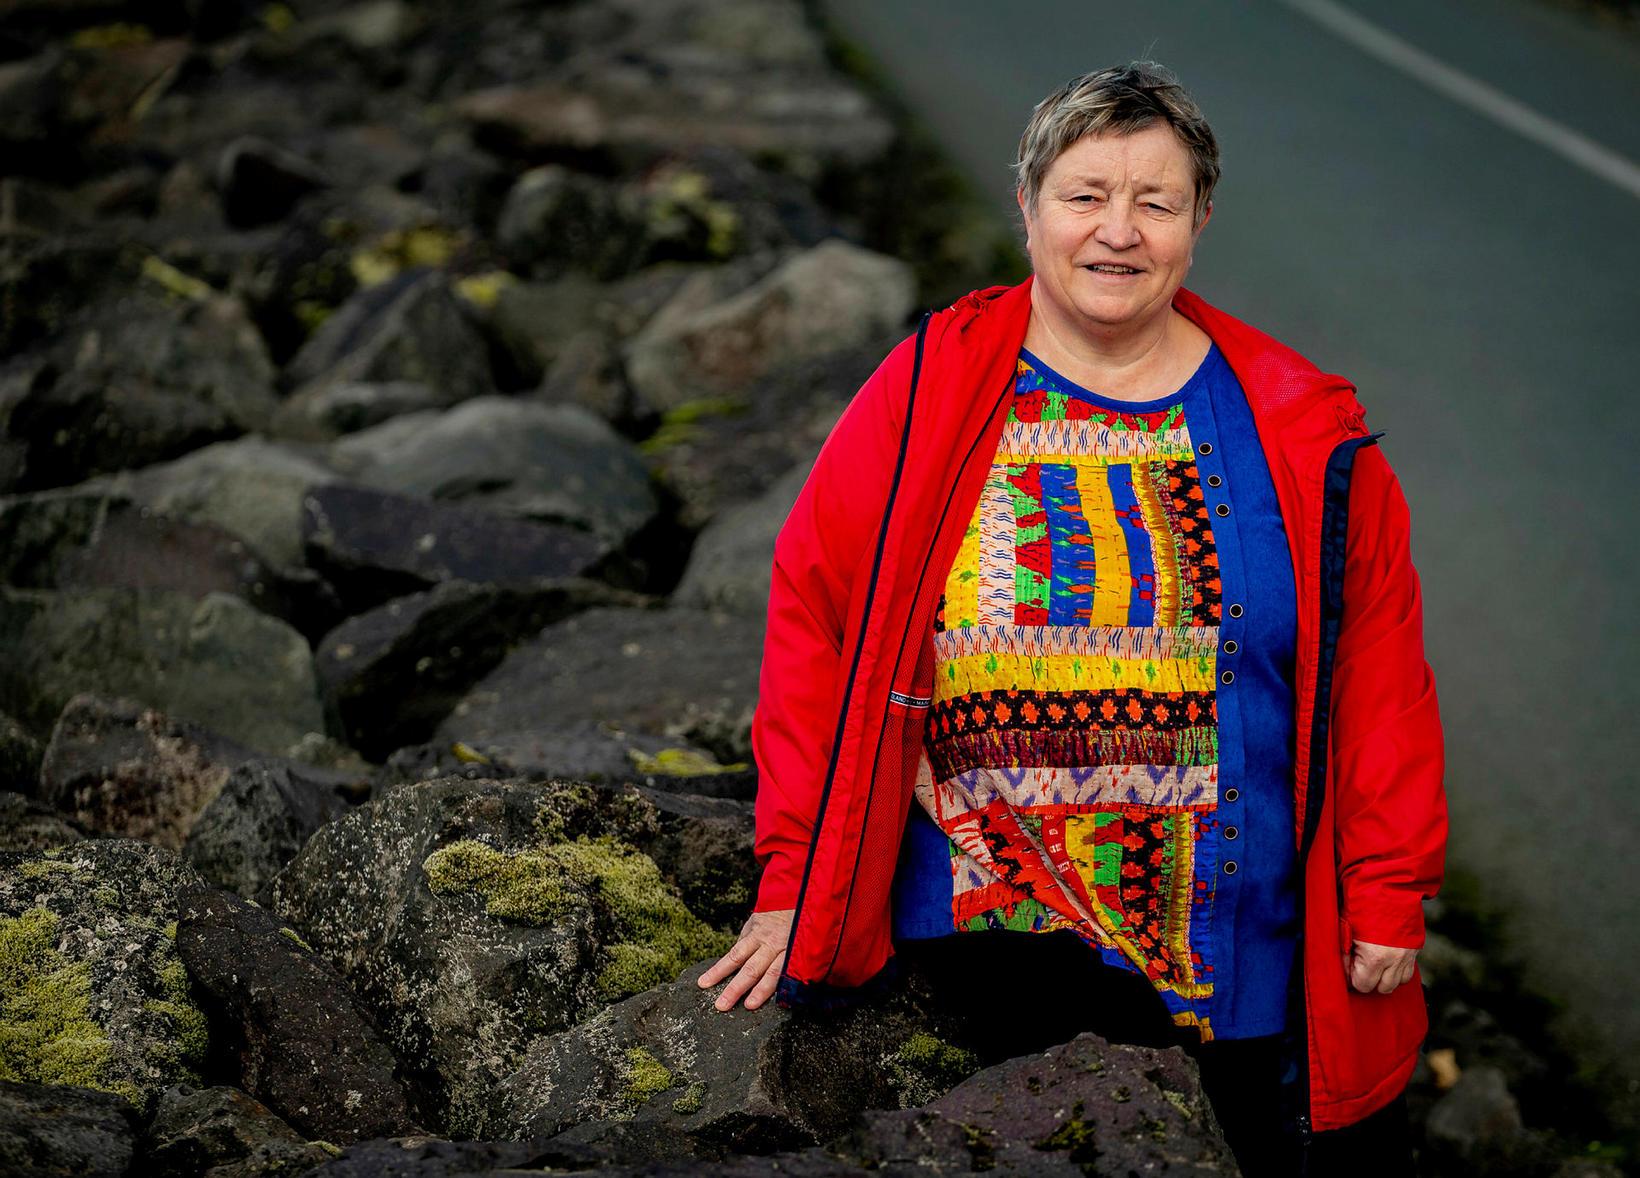 Ásrún Matthíasdóttir segir að vandinn byrji strax í framhaldsskóla því …